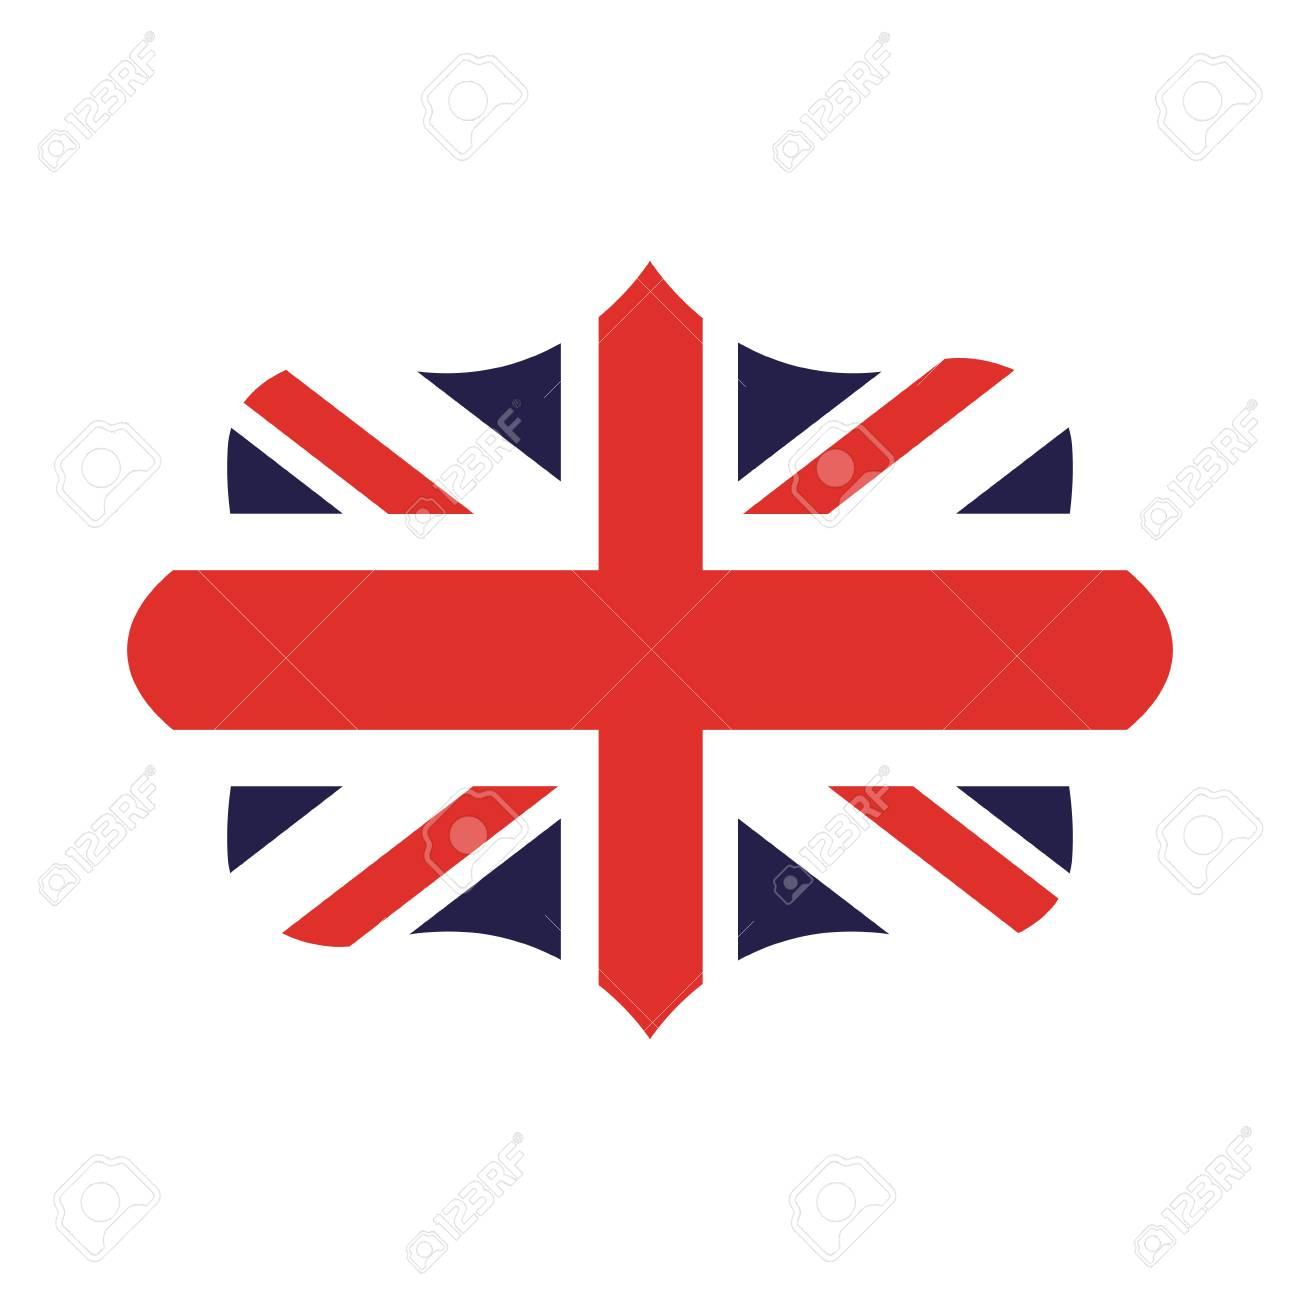 Drapeau Angleterre Isole Icone Dessin Vectoriel Clip Art Libres De Droits Vecteurs Et Illustration Image 64648962